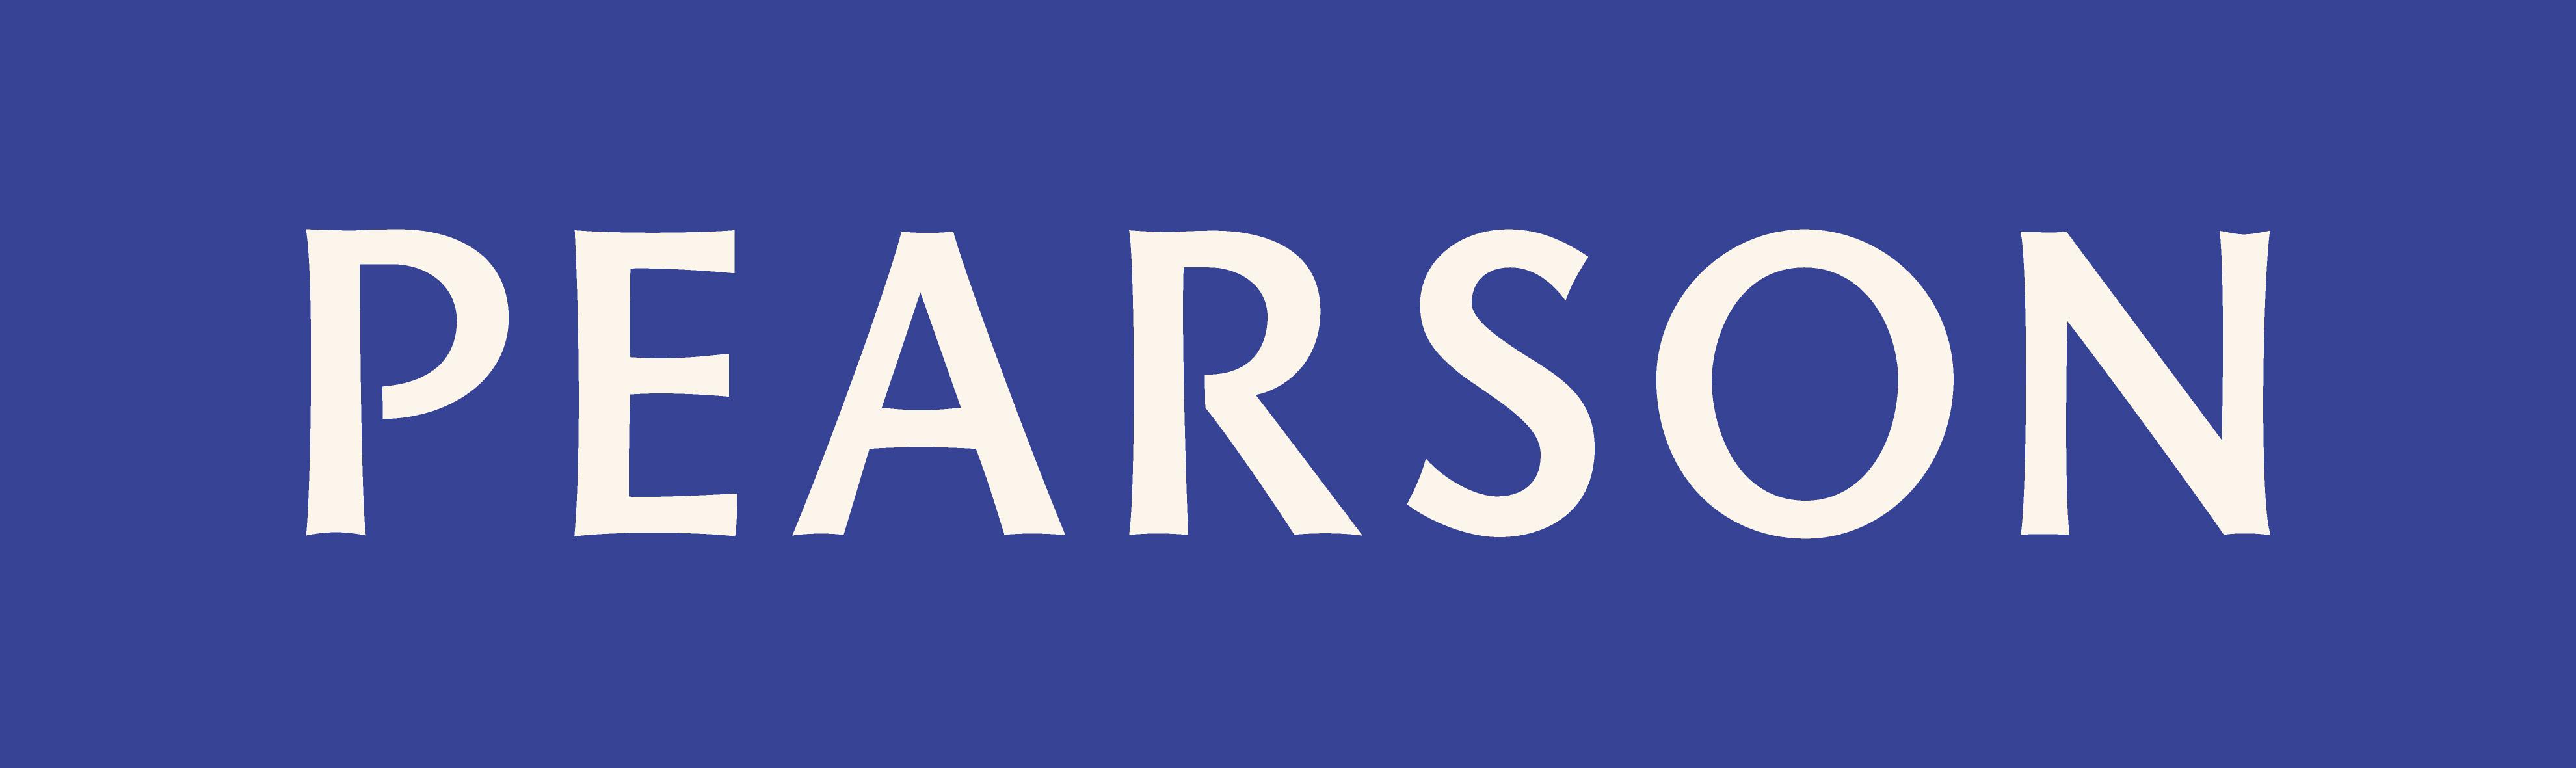 Case Study: Pearson